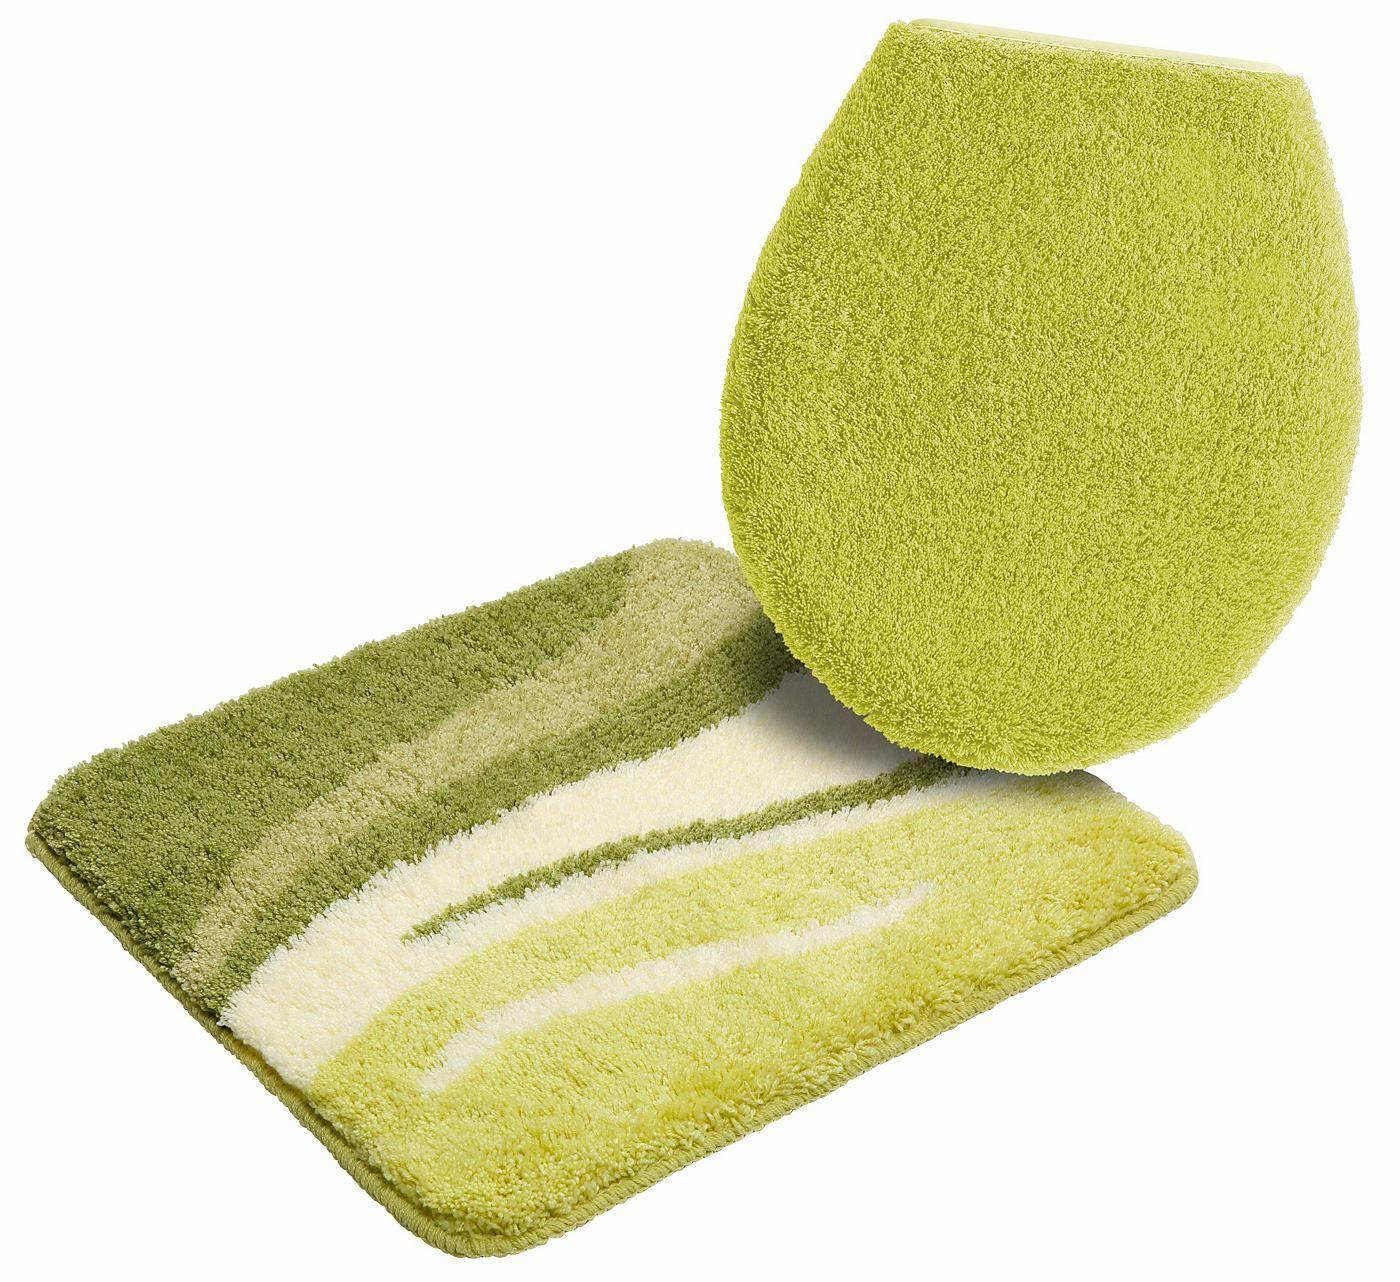 Details:  Grafisch gemustert, Ringsum eingefasst, gekettelt, Fußbodenheizungsgeeignet,  Qualität:  1,8 kg/m² Gesamtgewicht (ca.), 25 mm Gesamthöhe (ca.), Waschbar bei 40°C, Latexierter Rücken, Trocknergeeignet,  Flormaterial:  100 % Polyacryl,  Wissenswertes:  WC-Deckel im 2-tlg. Set ist mit eingefasster Befestigungsschnur, Das 2-tlg. Set besteht aus einer Matte 55/50 cm und einem WC-Deckel-B...